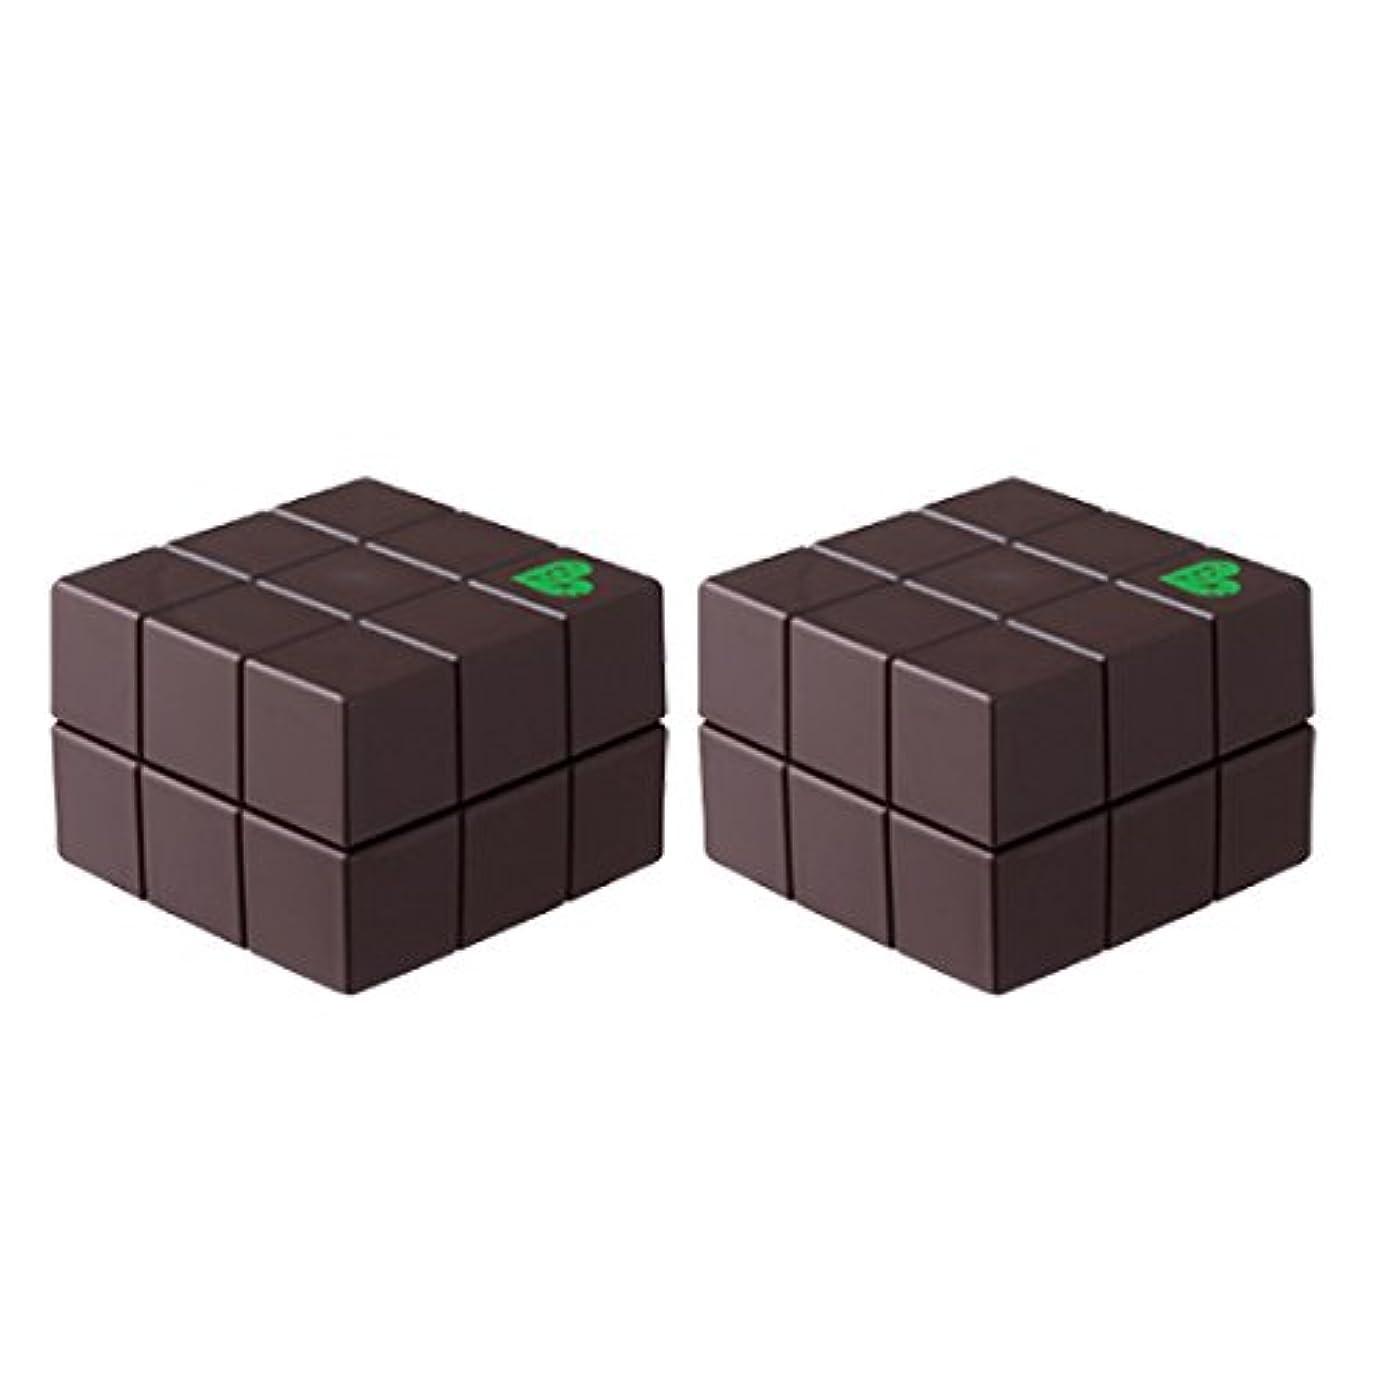 不満スタイル吸収剤【x2個セット】 アリミノ ピース プロデザインシリーズ ハードワックス チョコ 40g